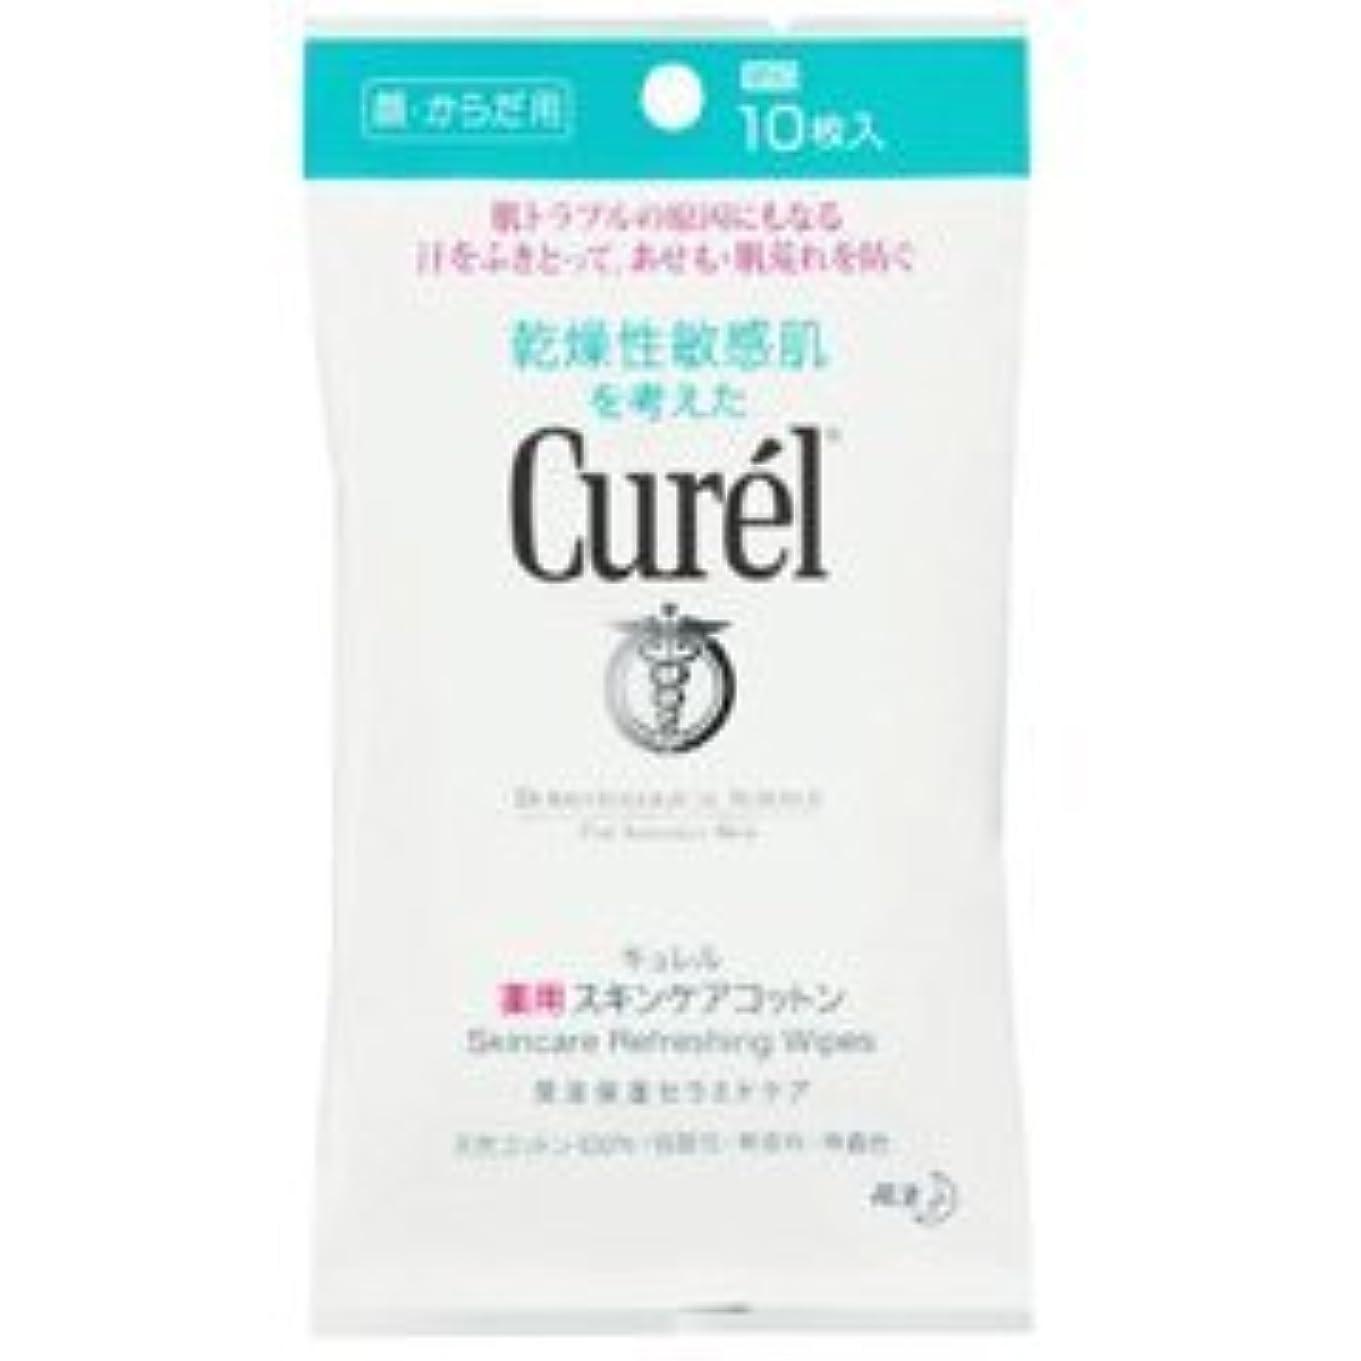 裸から製品【花王】キュレル 薬用スキンケアシート (10枚) ×5個セット